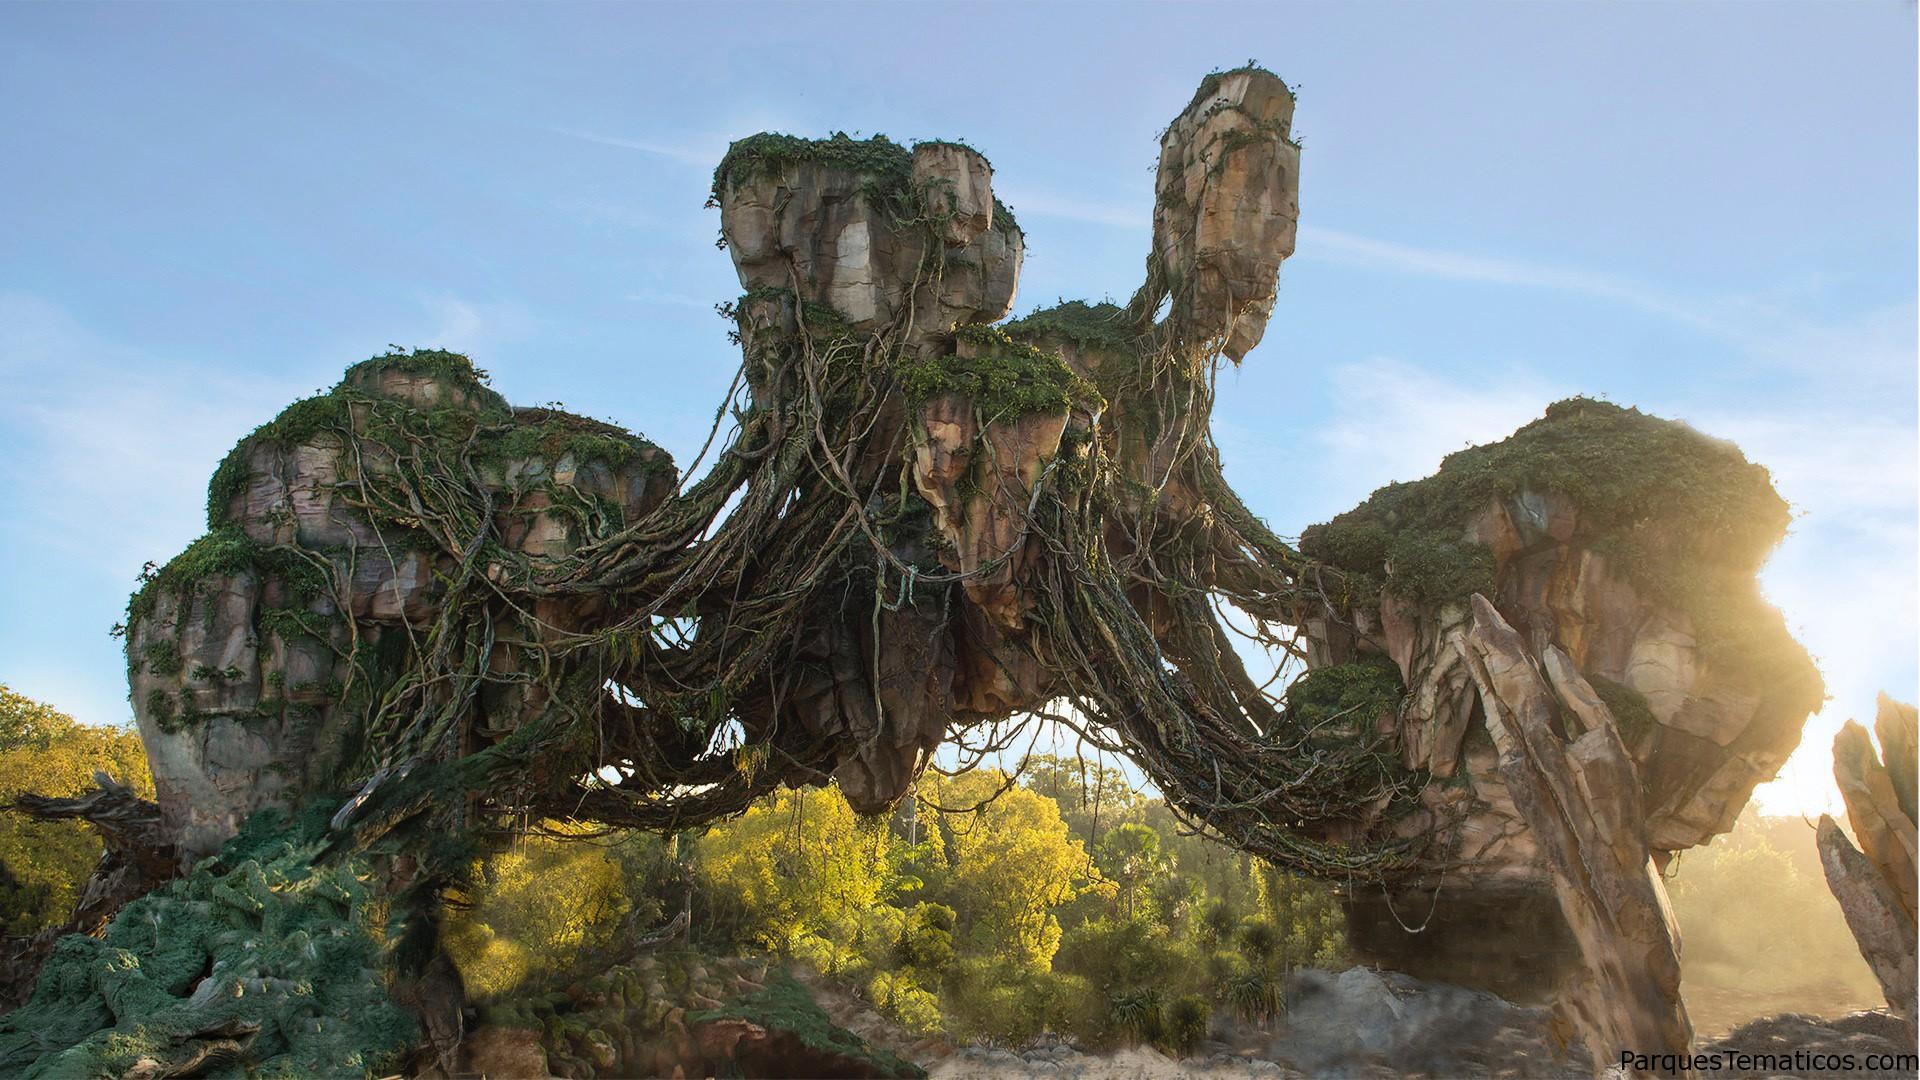 La Tierra de Pandora abre el 27 de Mayo en Disney's Animal Kingdom